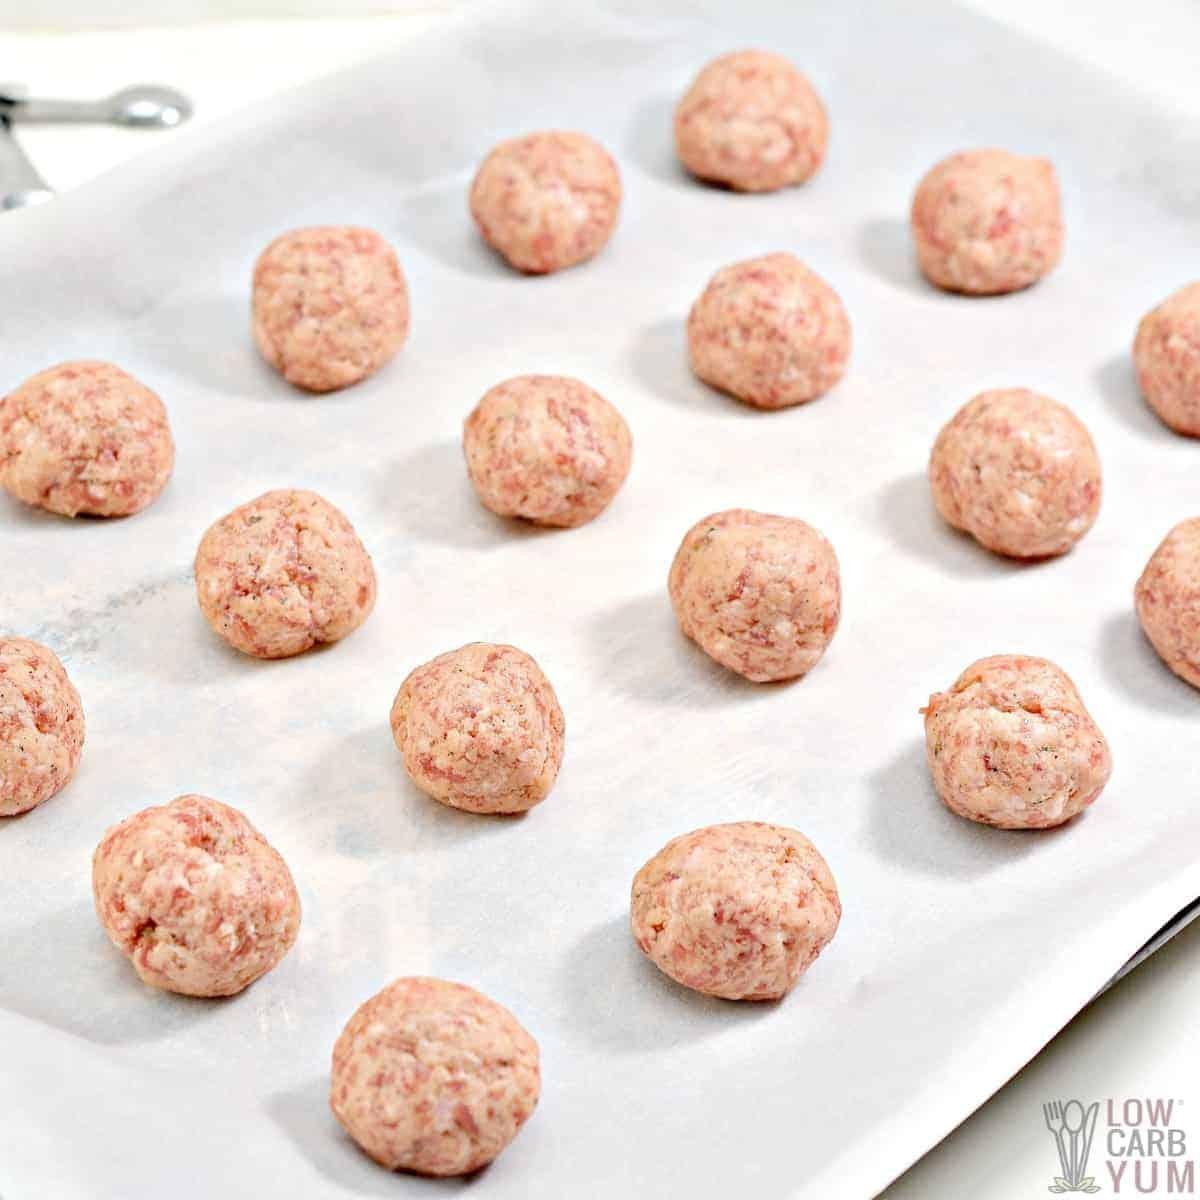 raw sausage balls on lined baking sheet